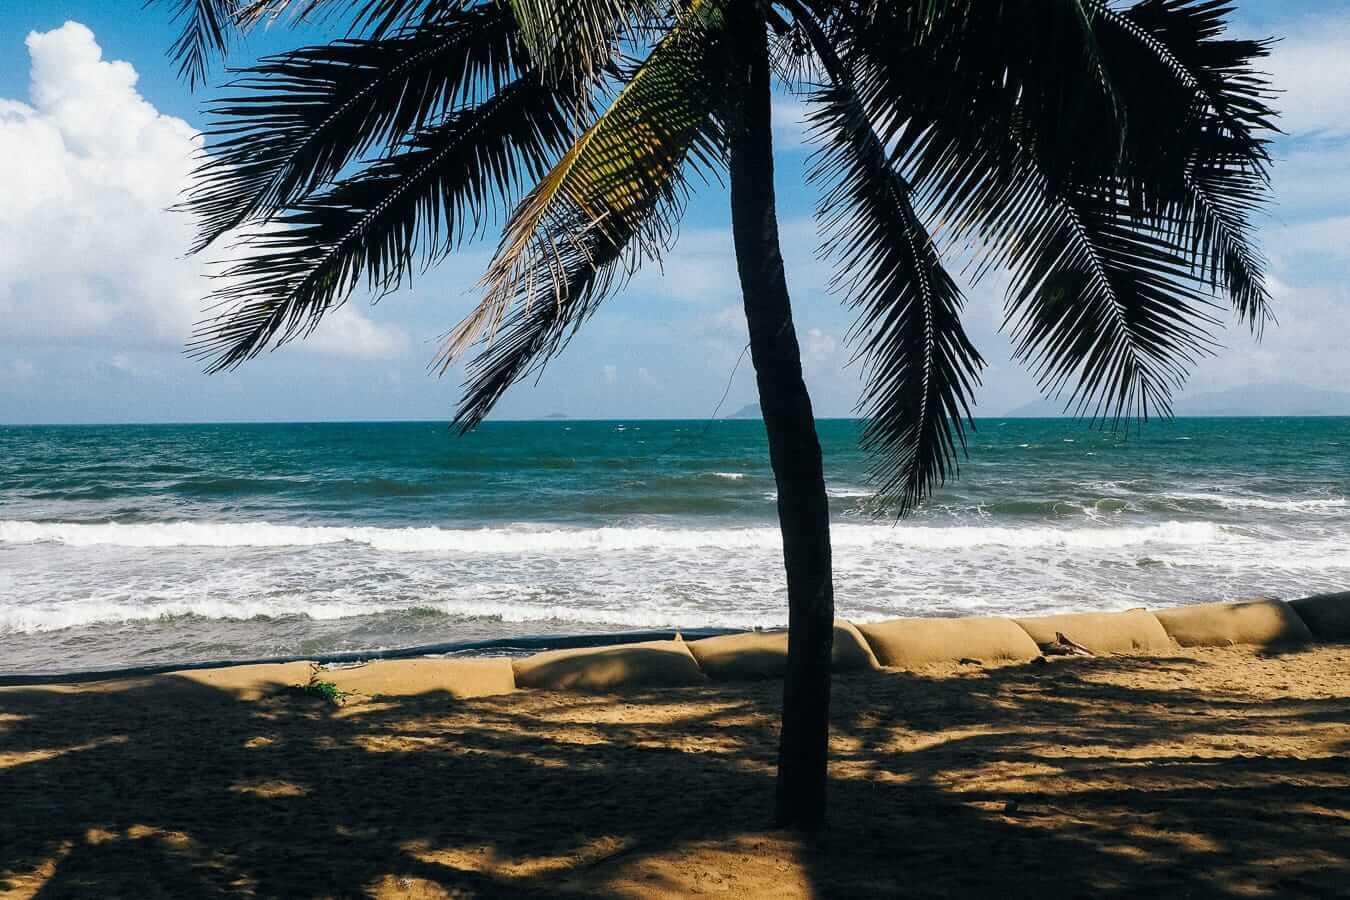 Palm trees shadows: Hoi An's beaches